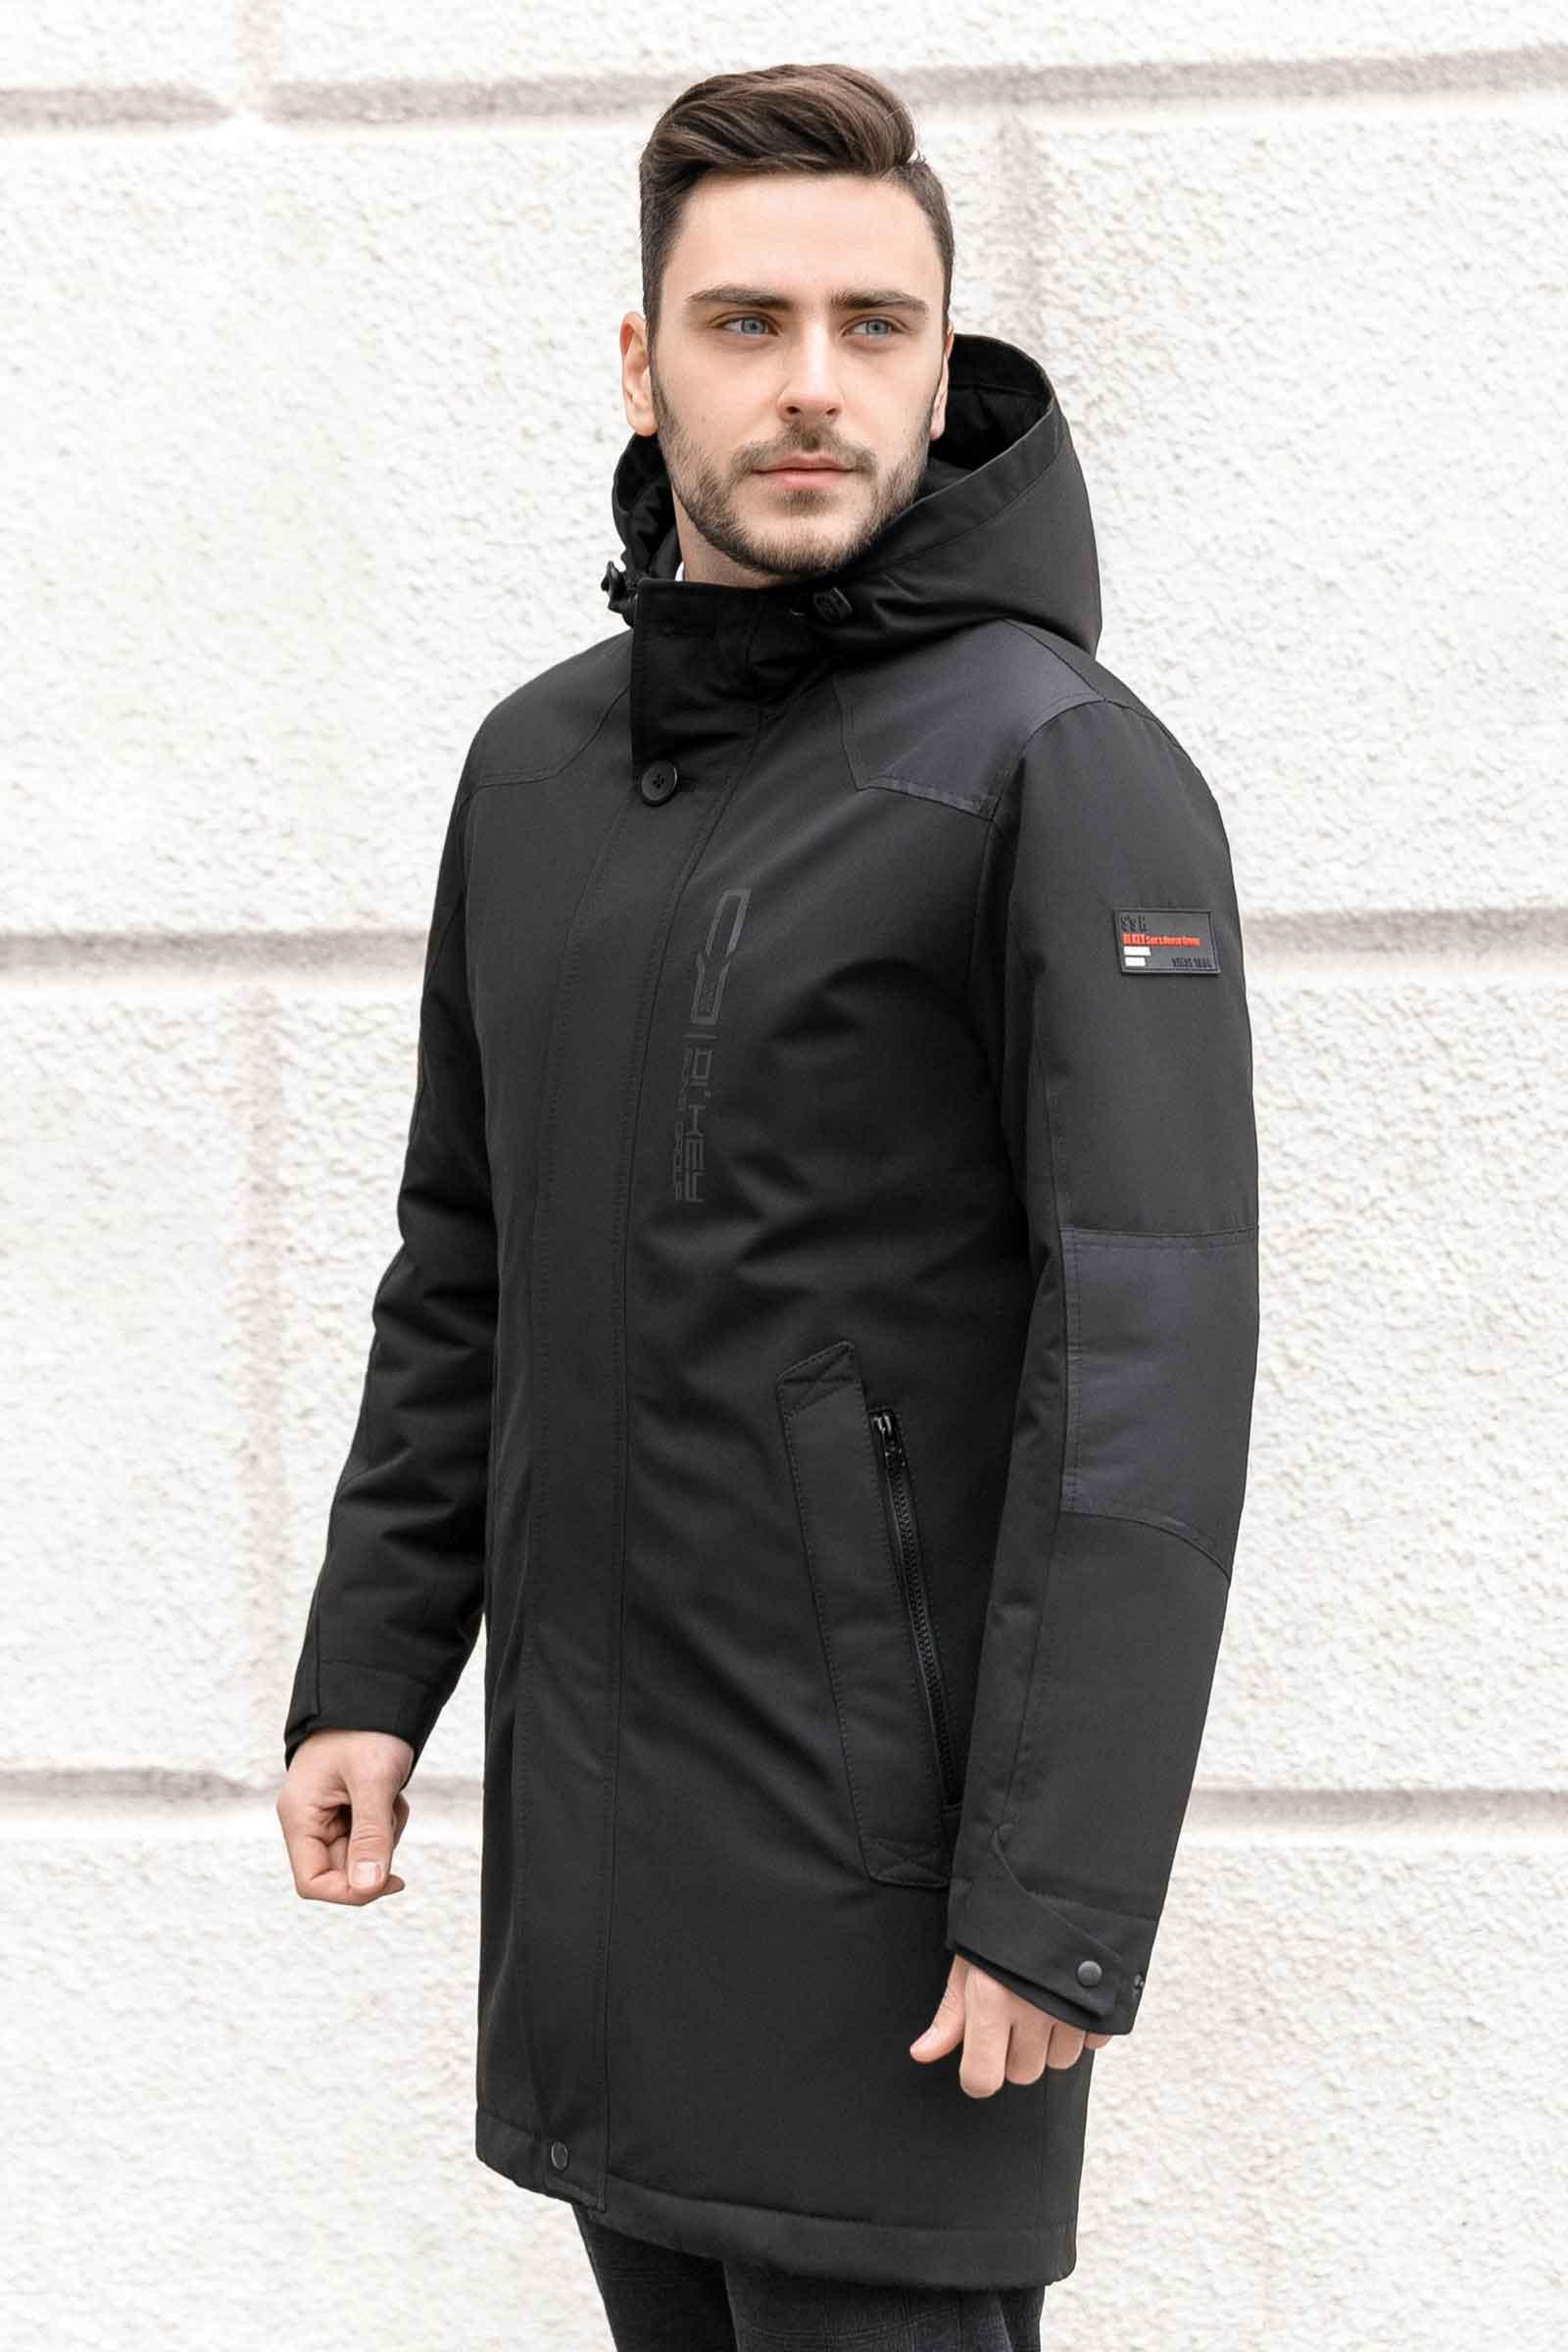 Новые модели мужских курток - фото